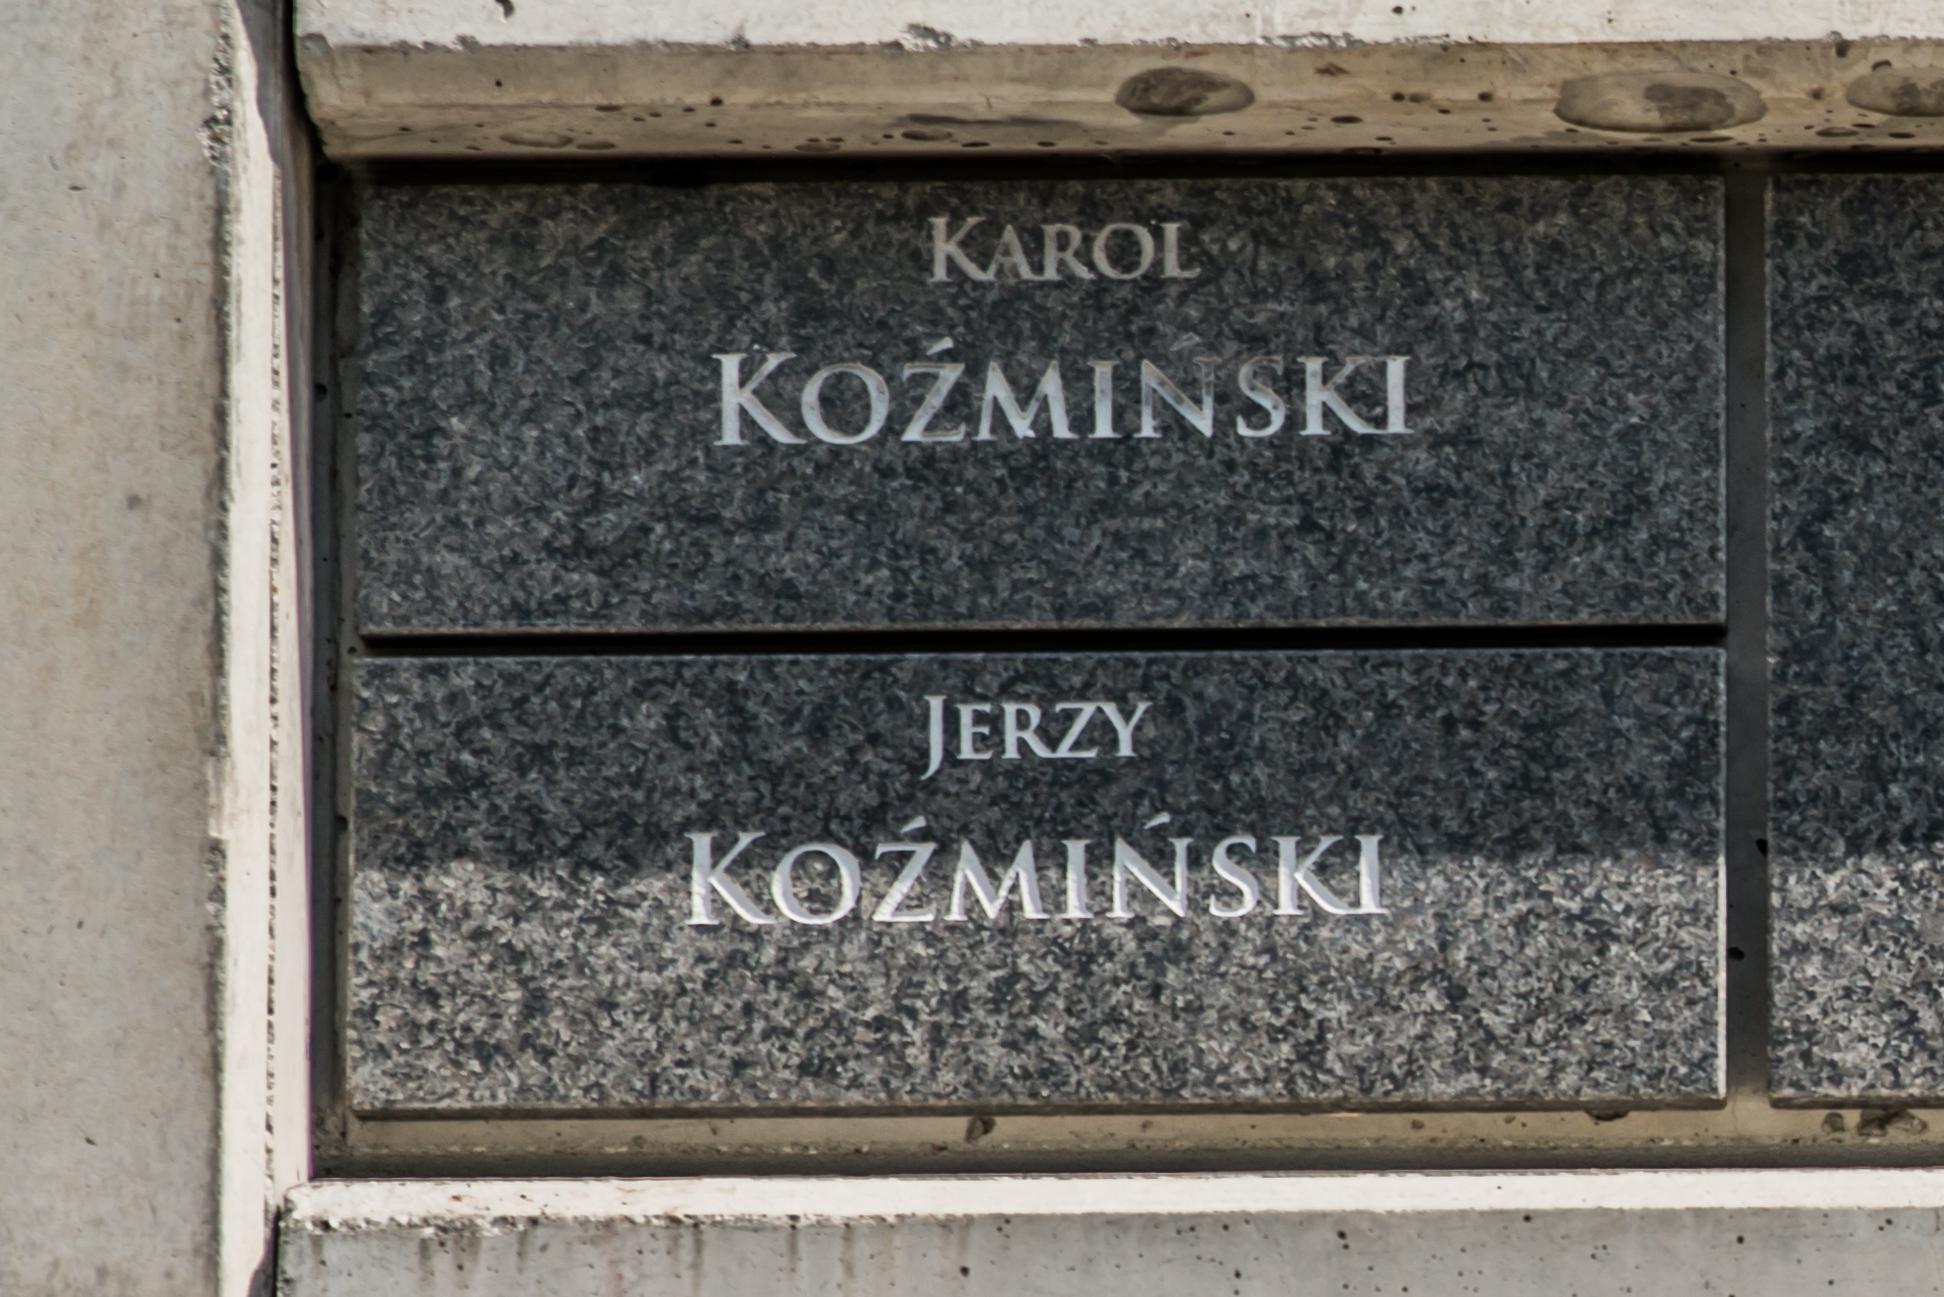 הלוחות של יזי' וקרול קוז'מינסקי